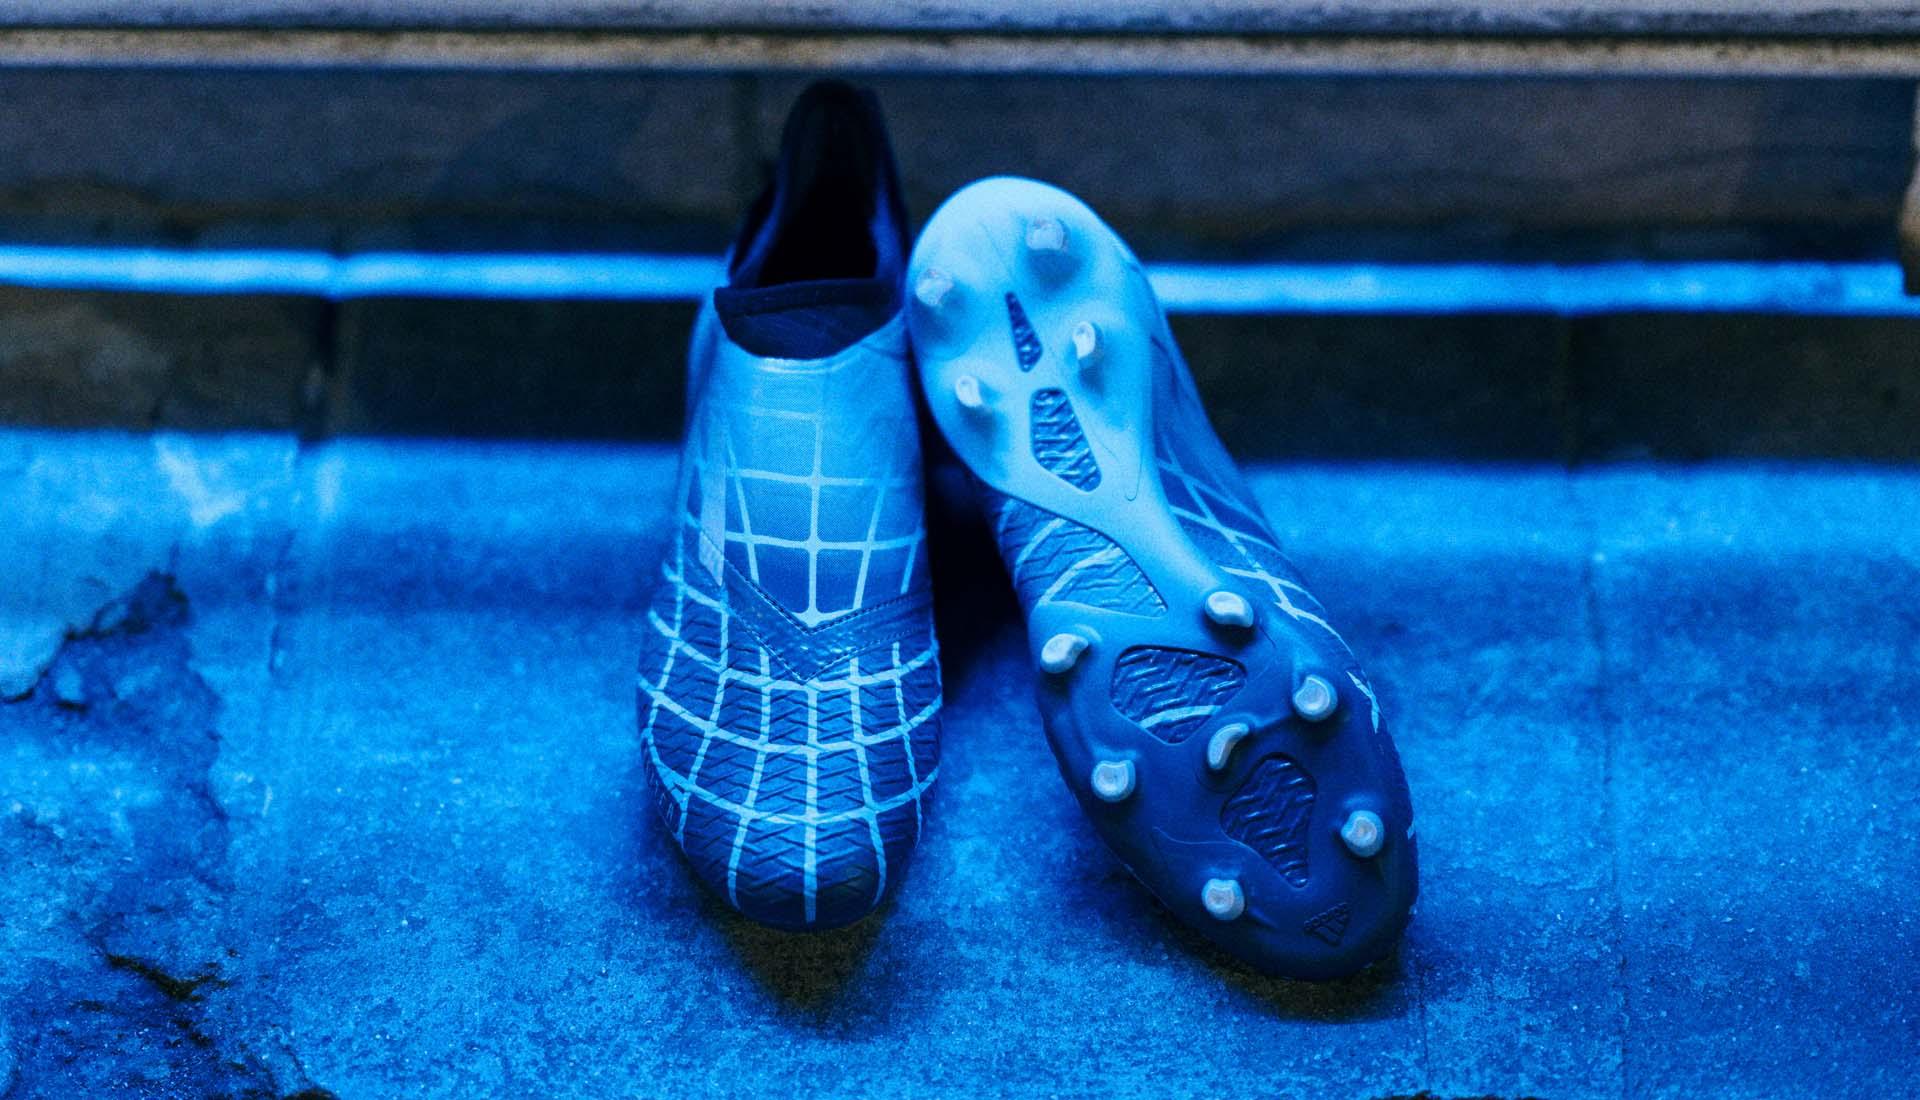 7602ed4365d6 adidas Launch Glitch19 'F50 Skin' - SoccerBible